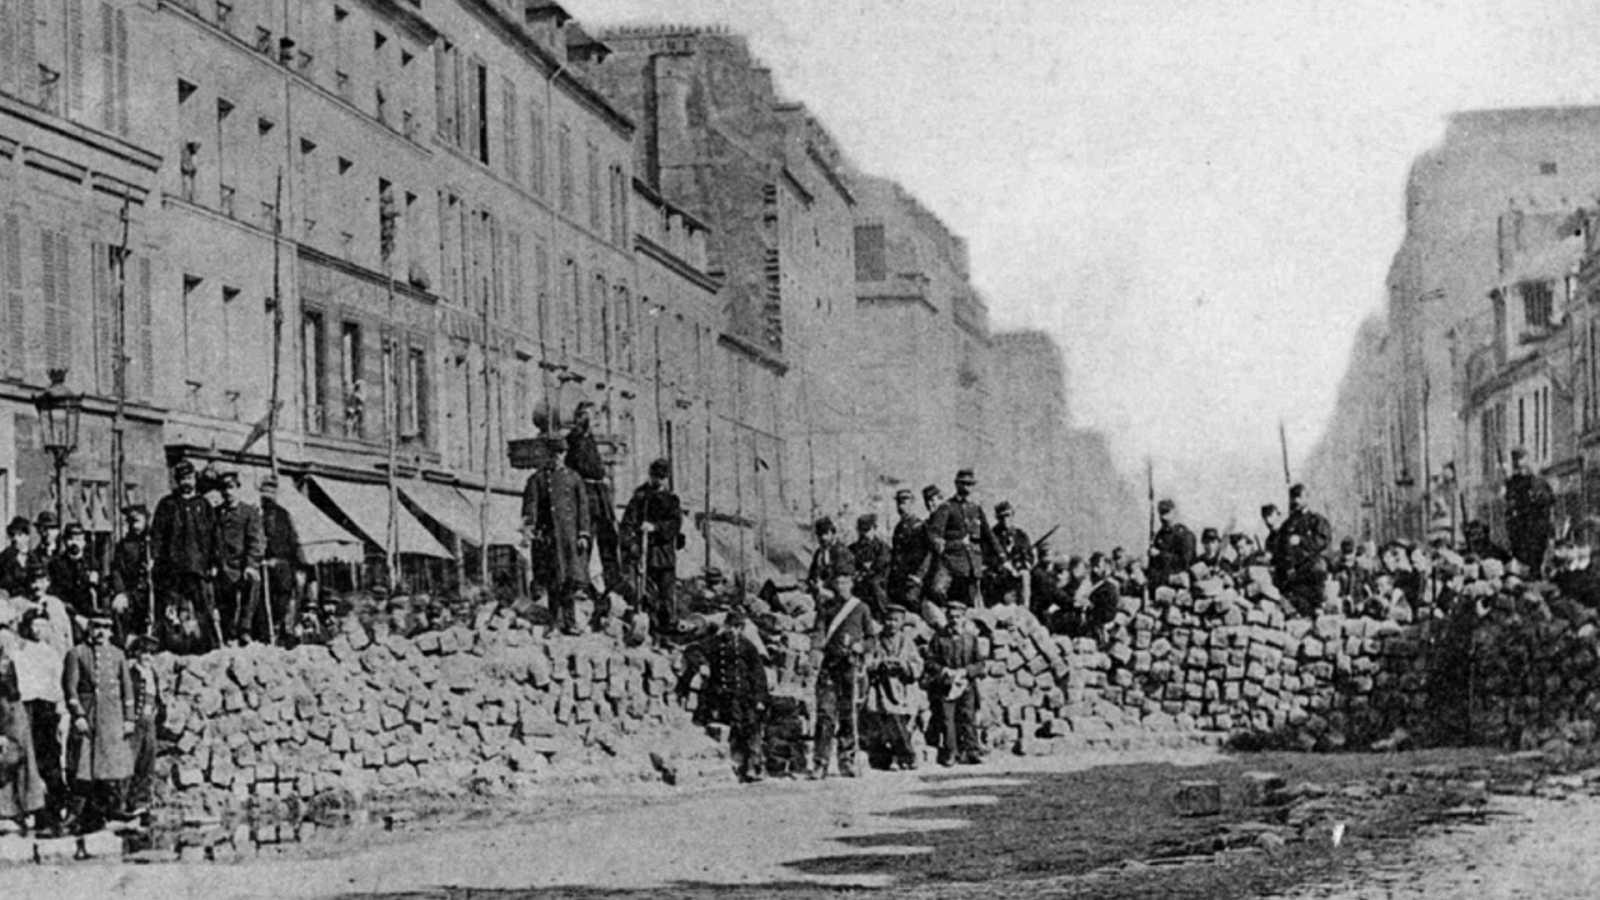 Documentos RNE - 150 años de la Comuna de París. Revolución o República - 12/03/21 - escuchar ahora